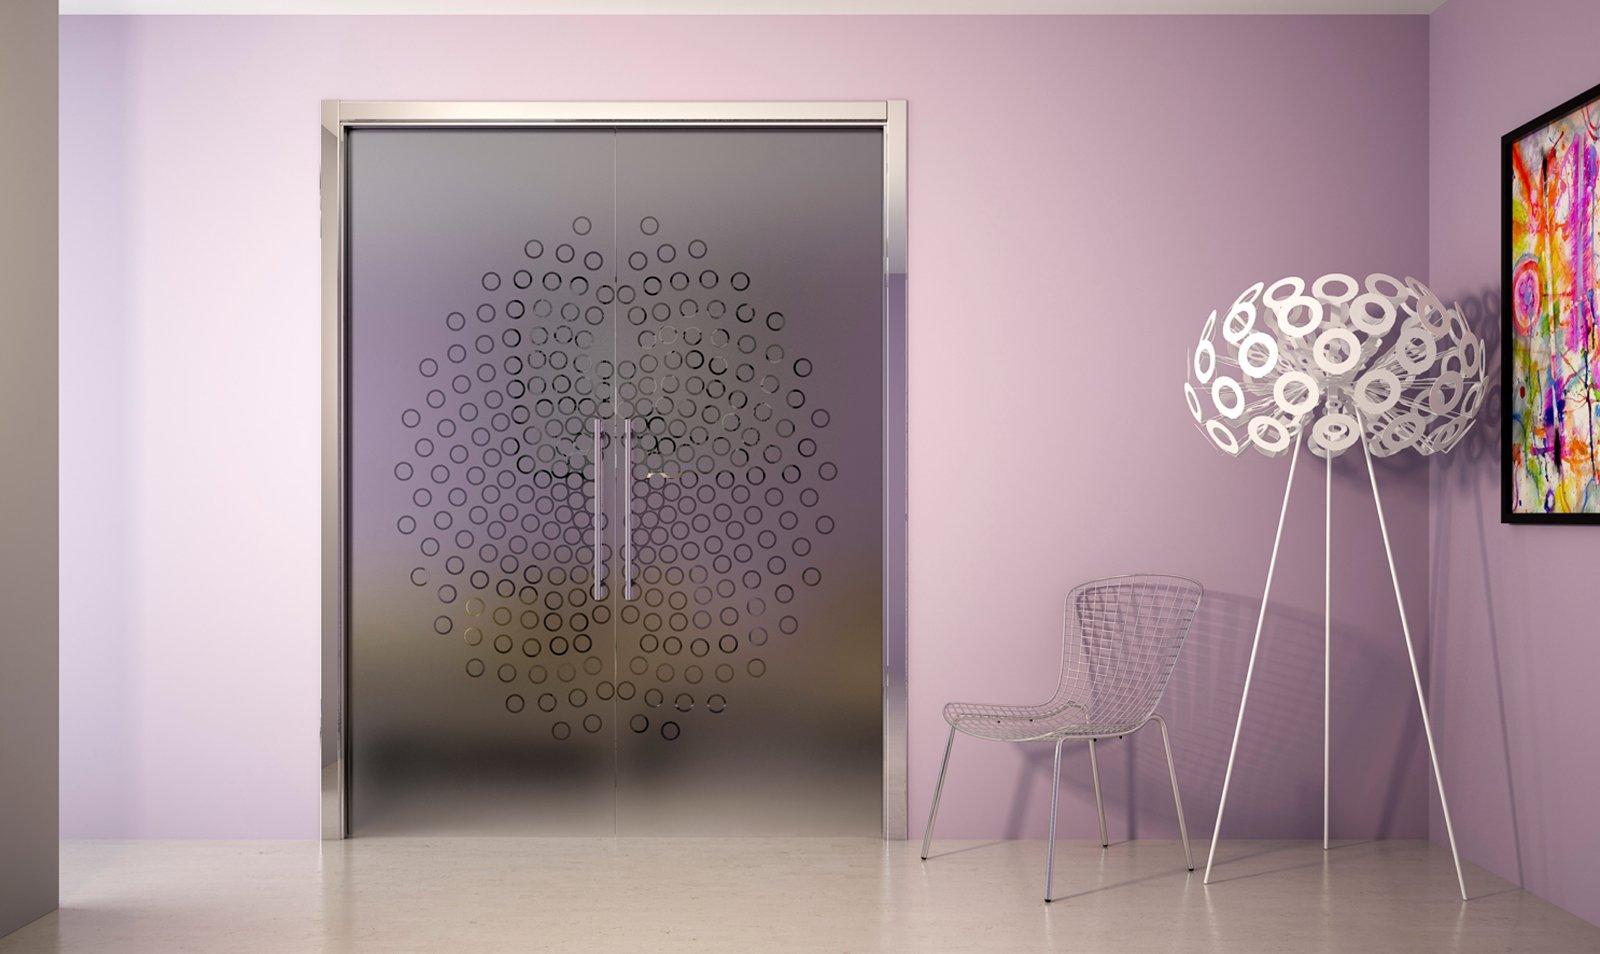 Porte e arredo i consigli su come abbinare stili e rifiniture cose di casa - Vetri decorati moderni ...